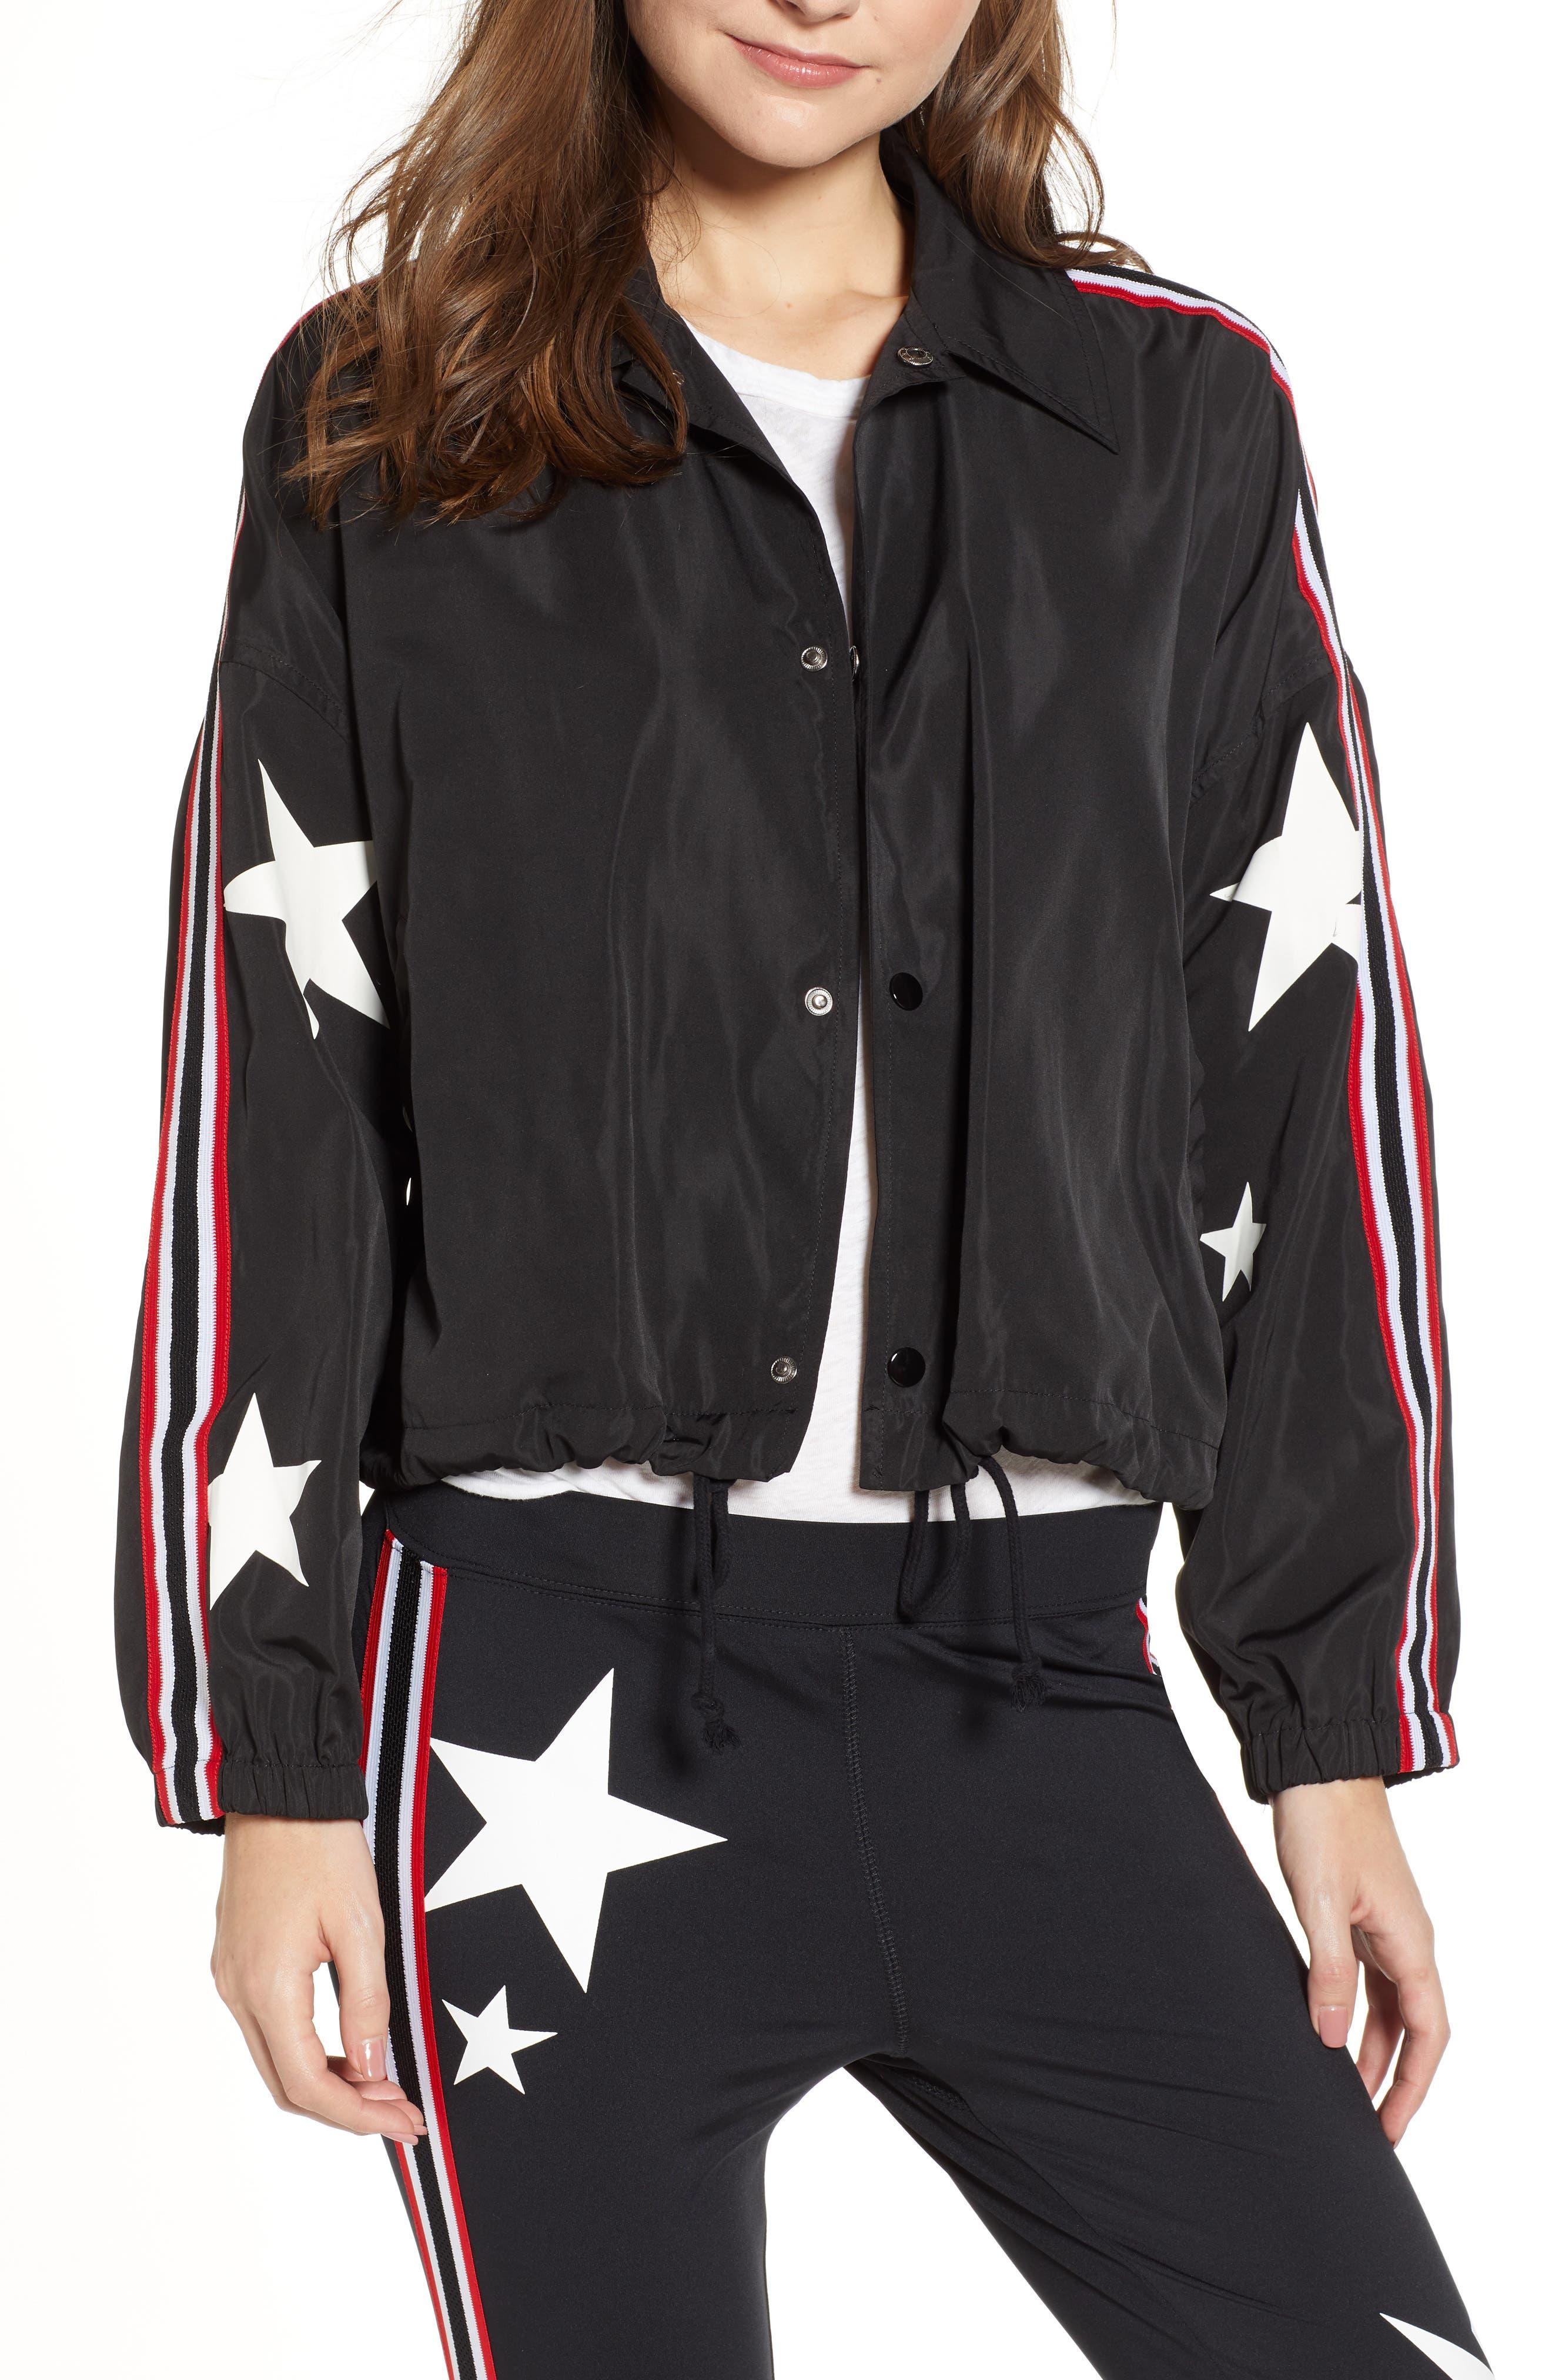 Star Drawstring Track Jacket,                             Main thumbnail 1, color,                             BLACK